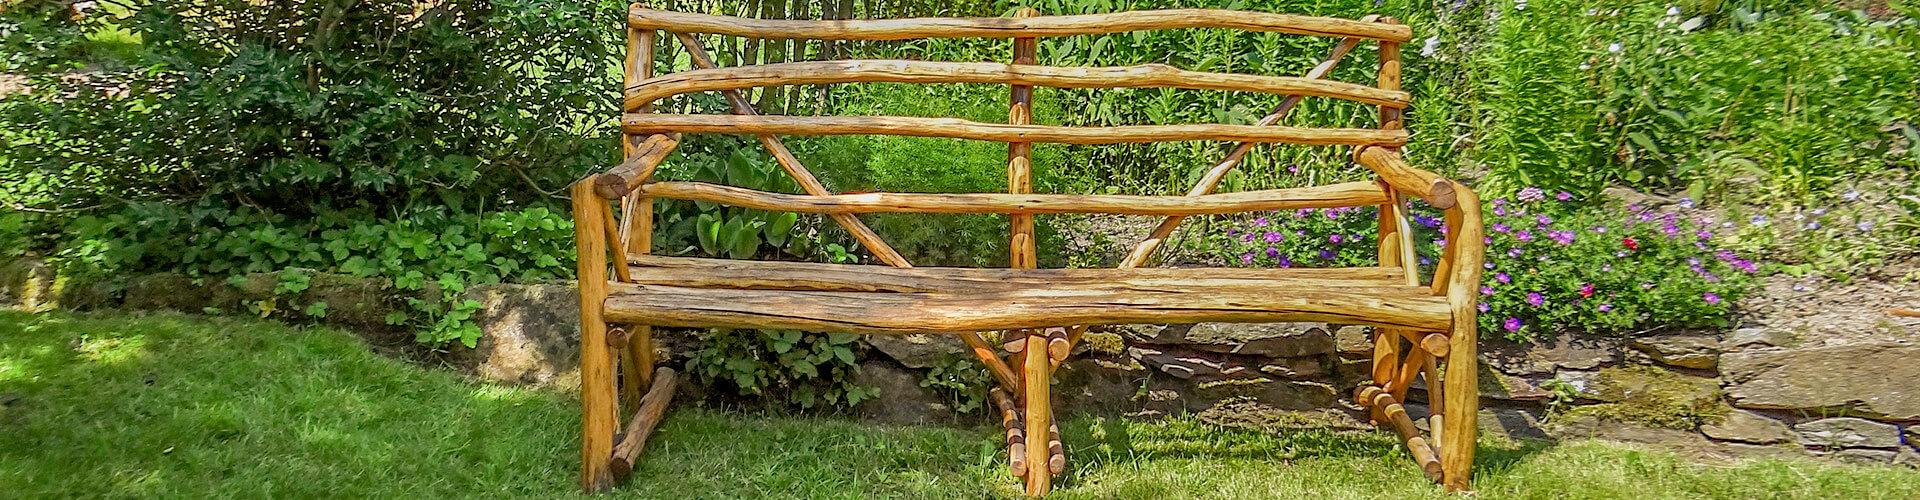 Möbel für drinnen und draußen - WMK Holzbau und Zimmerei